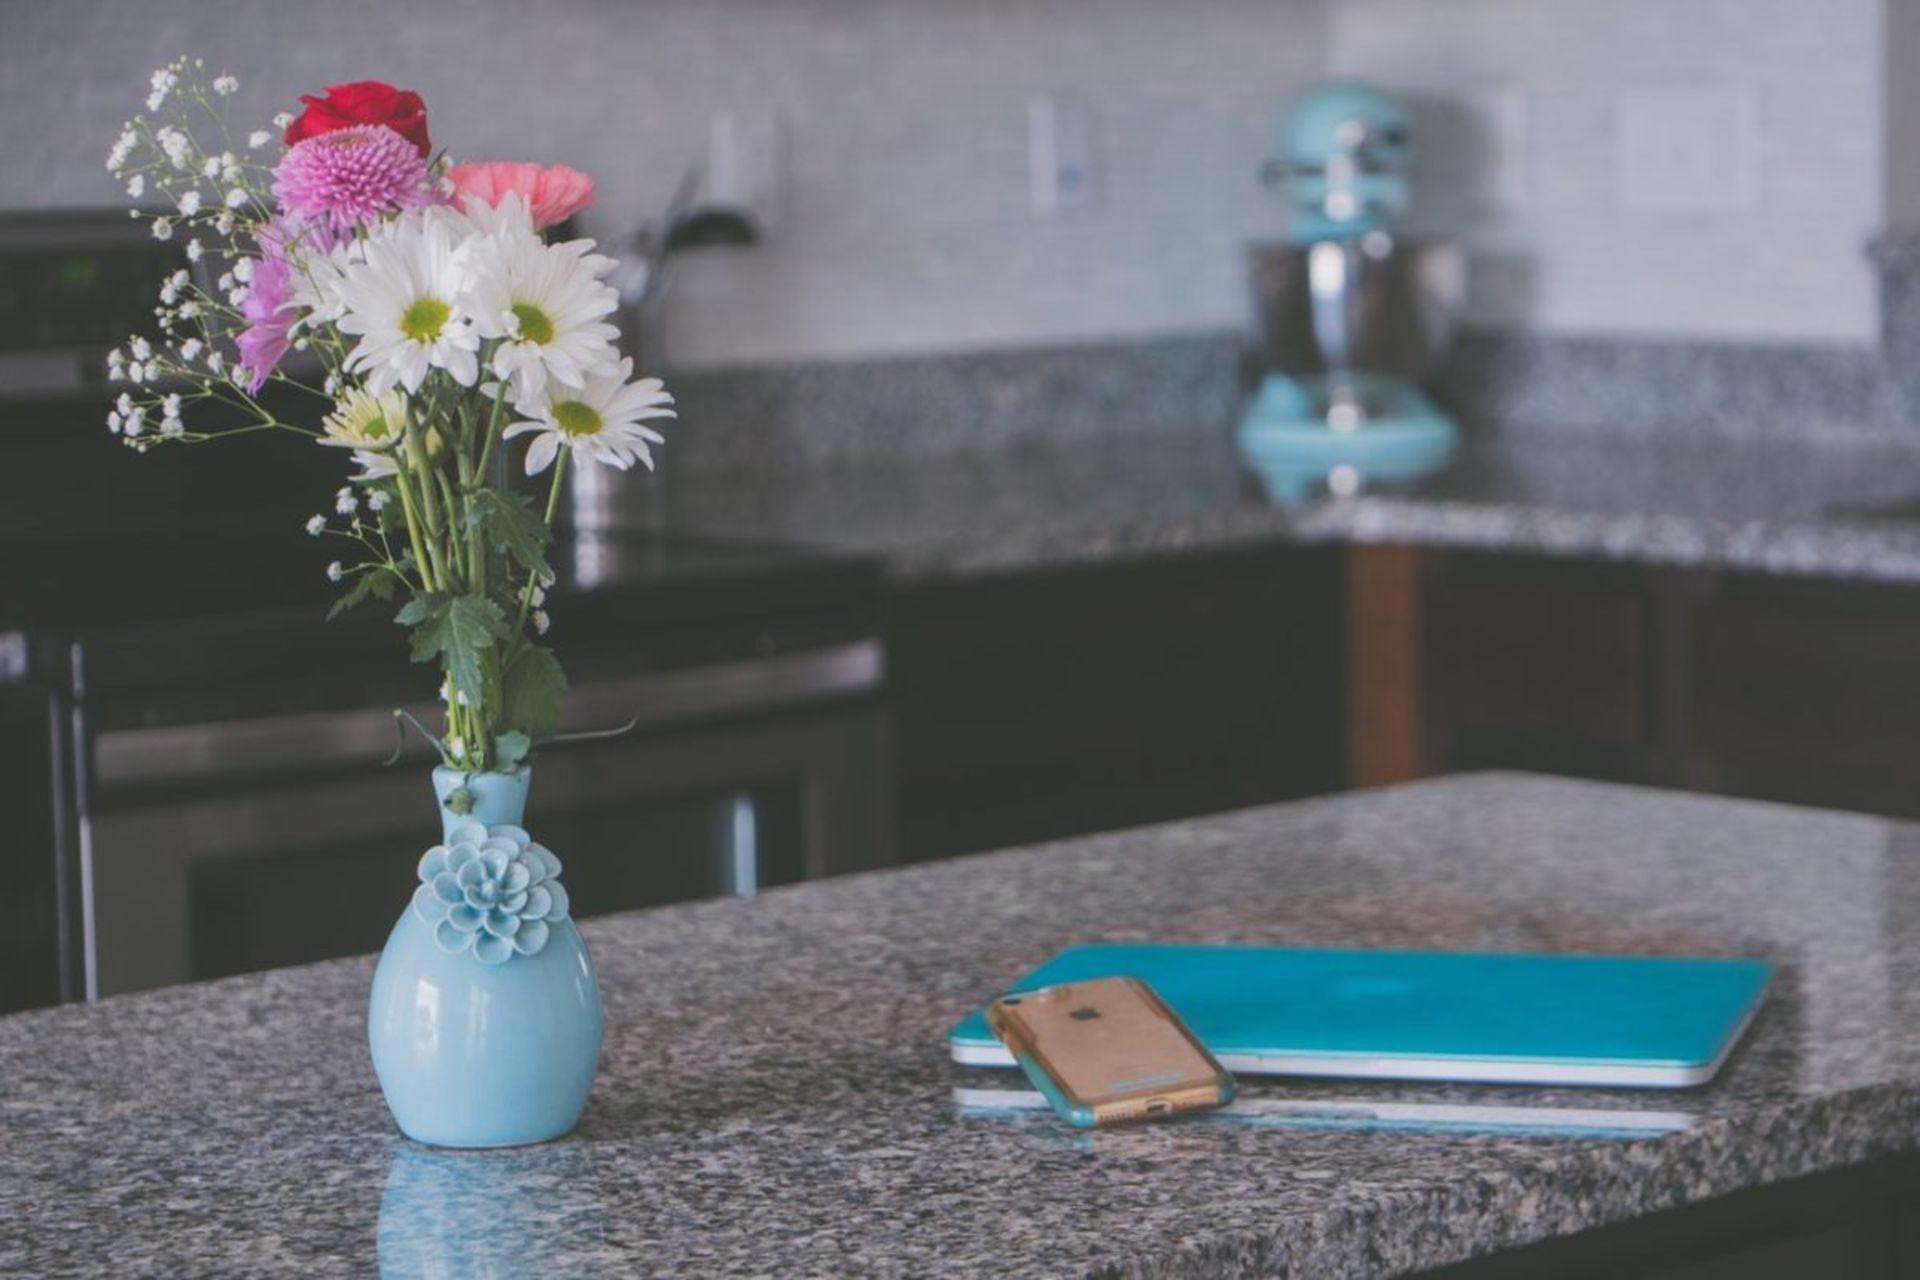 Are granite countertops worth the cost?